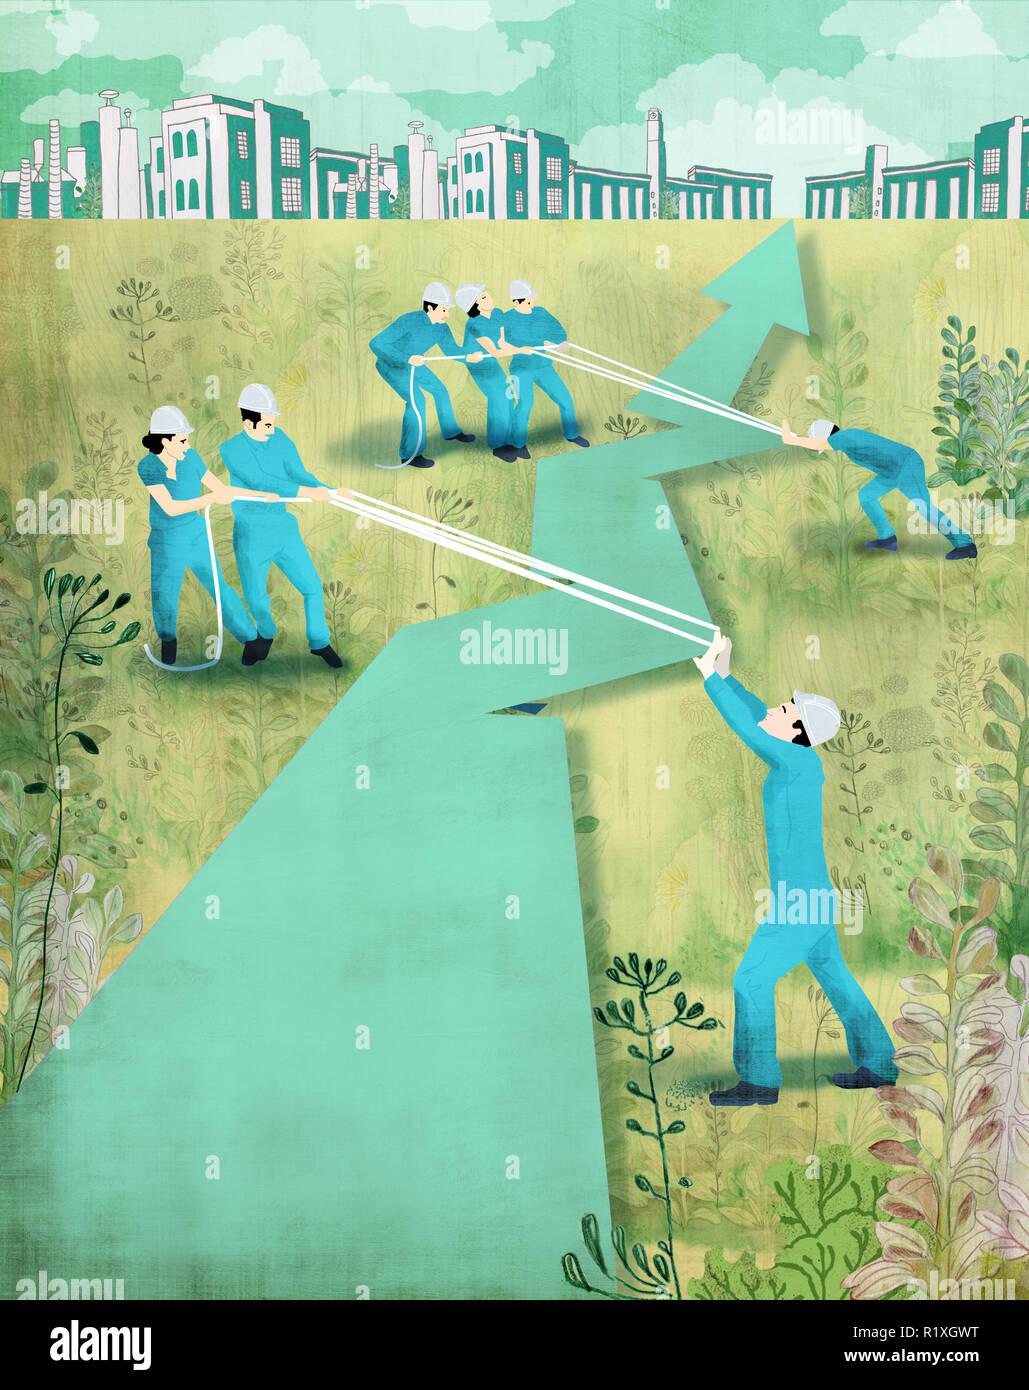 Paar oder workermen versuchen, die Richtung des Betriebs zu verbessern. Stockbild